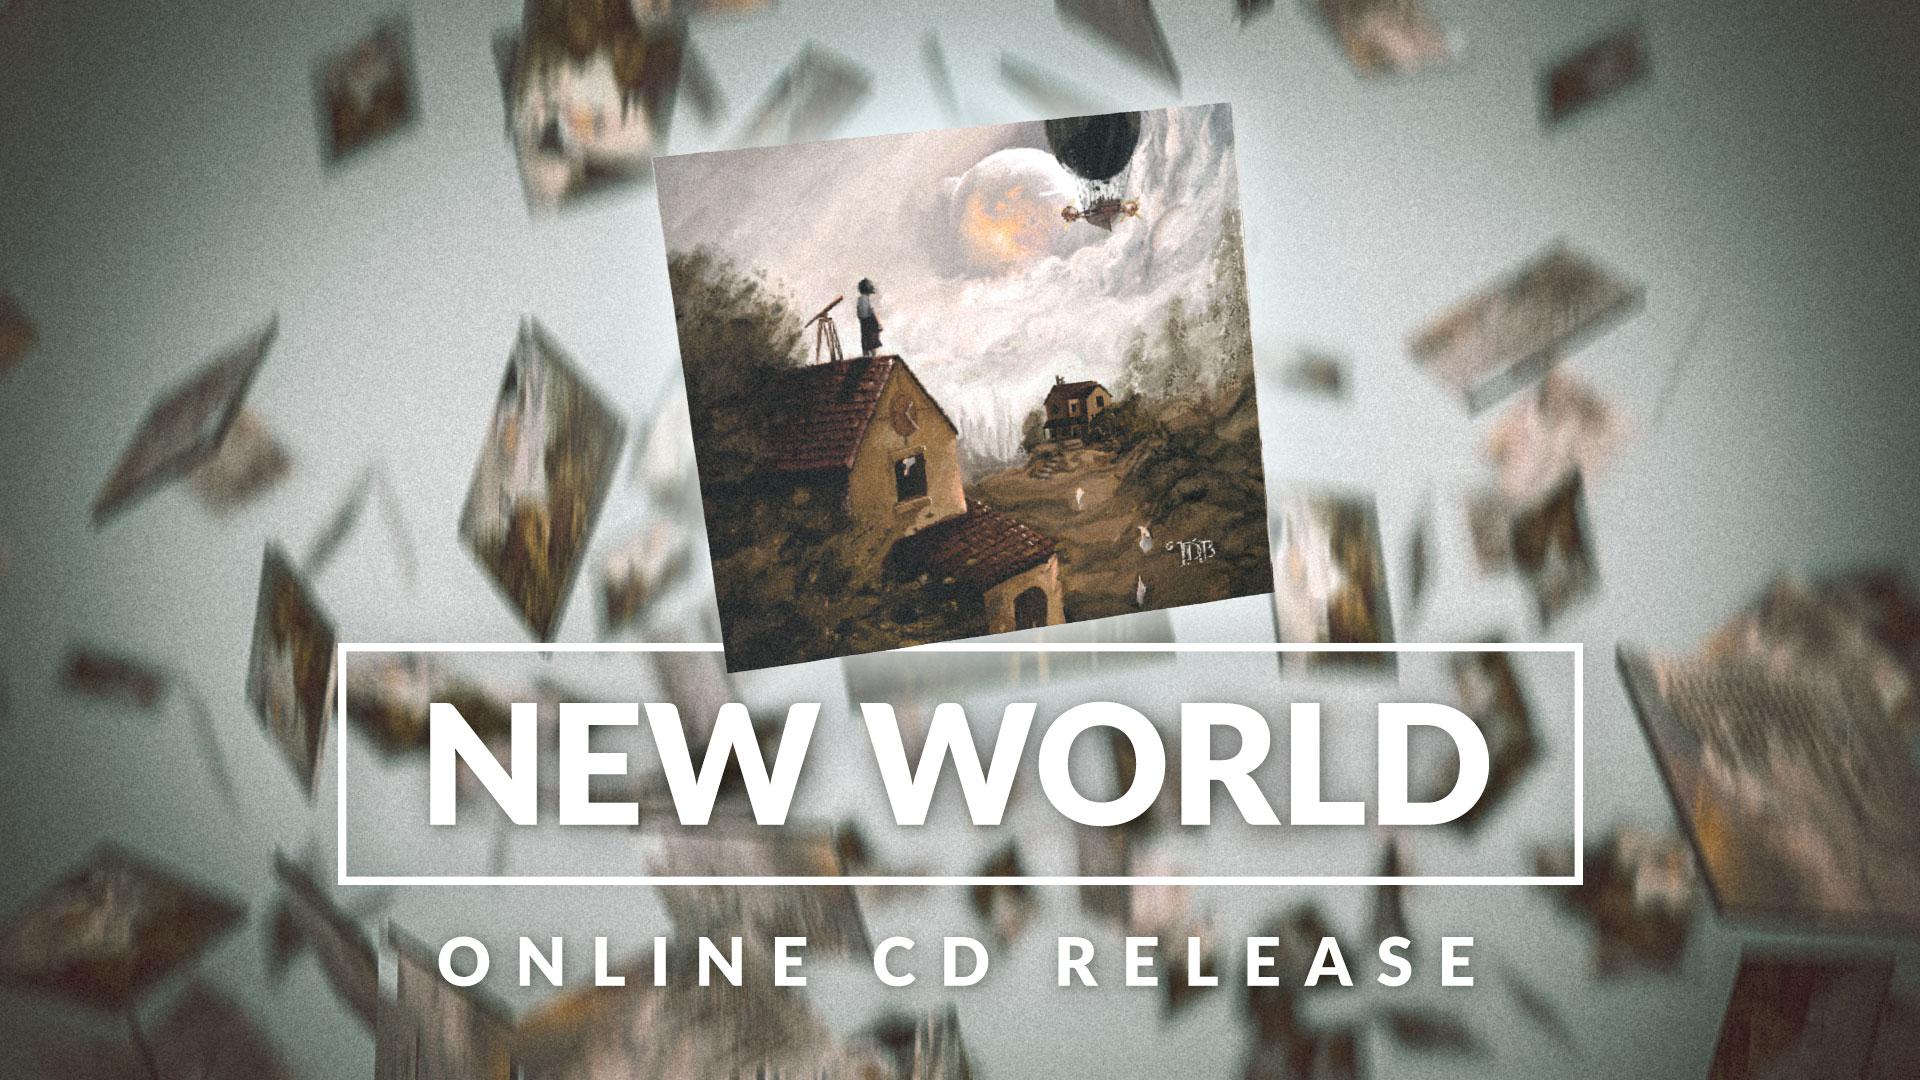 Online-CD-Release